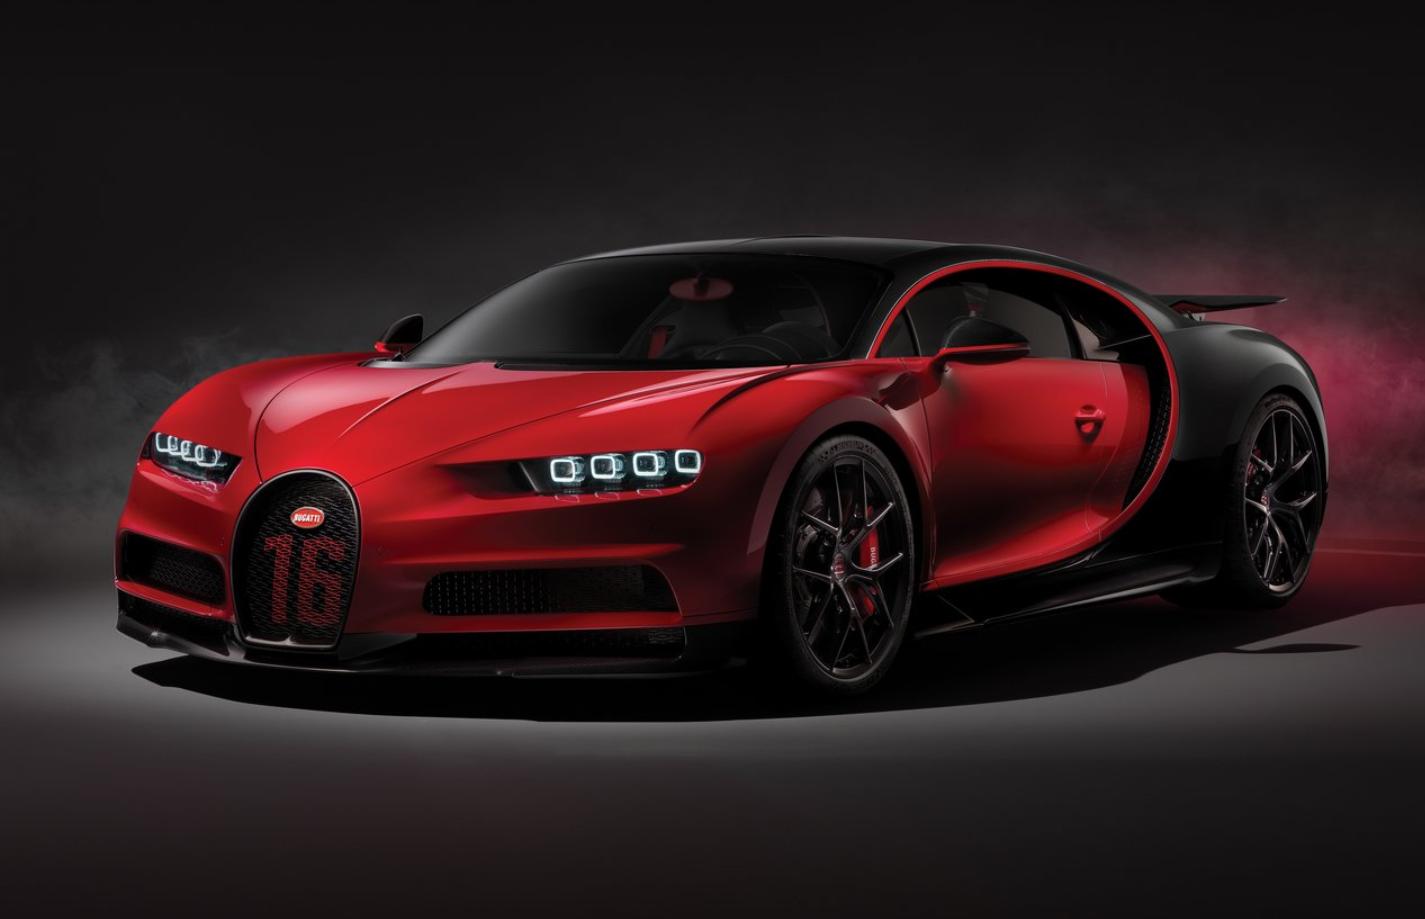 2018 Bugatti Chiron Sport New Production And Specs Supercars Bugatti Veyron Bugatti